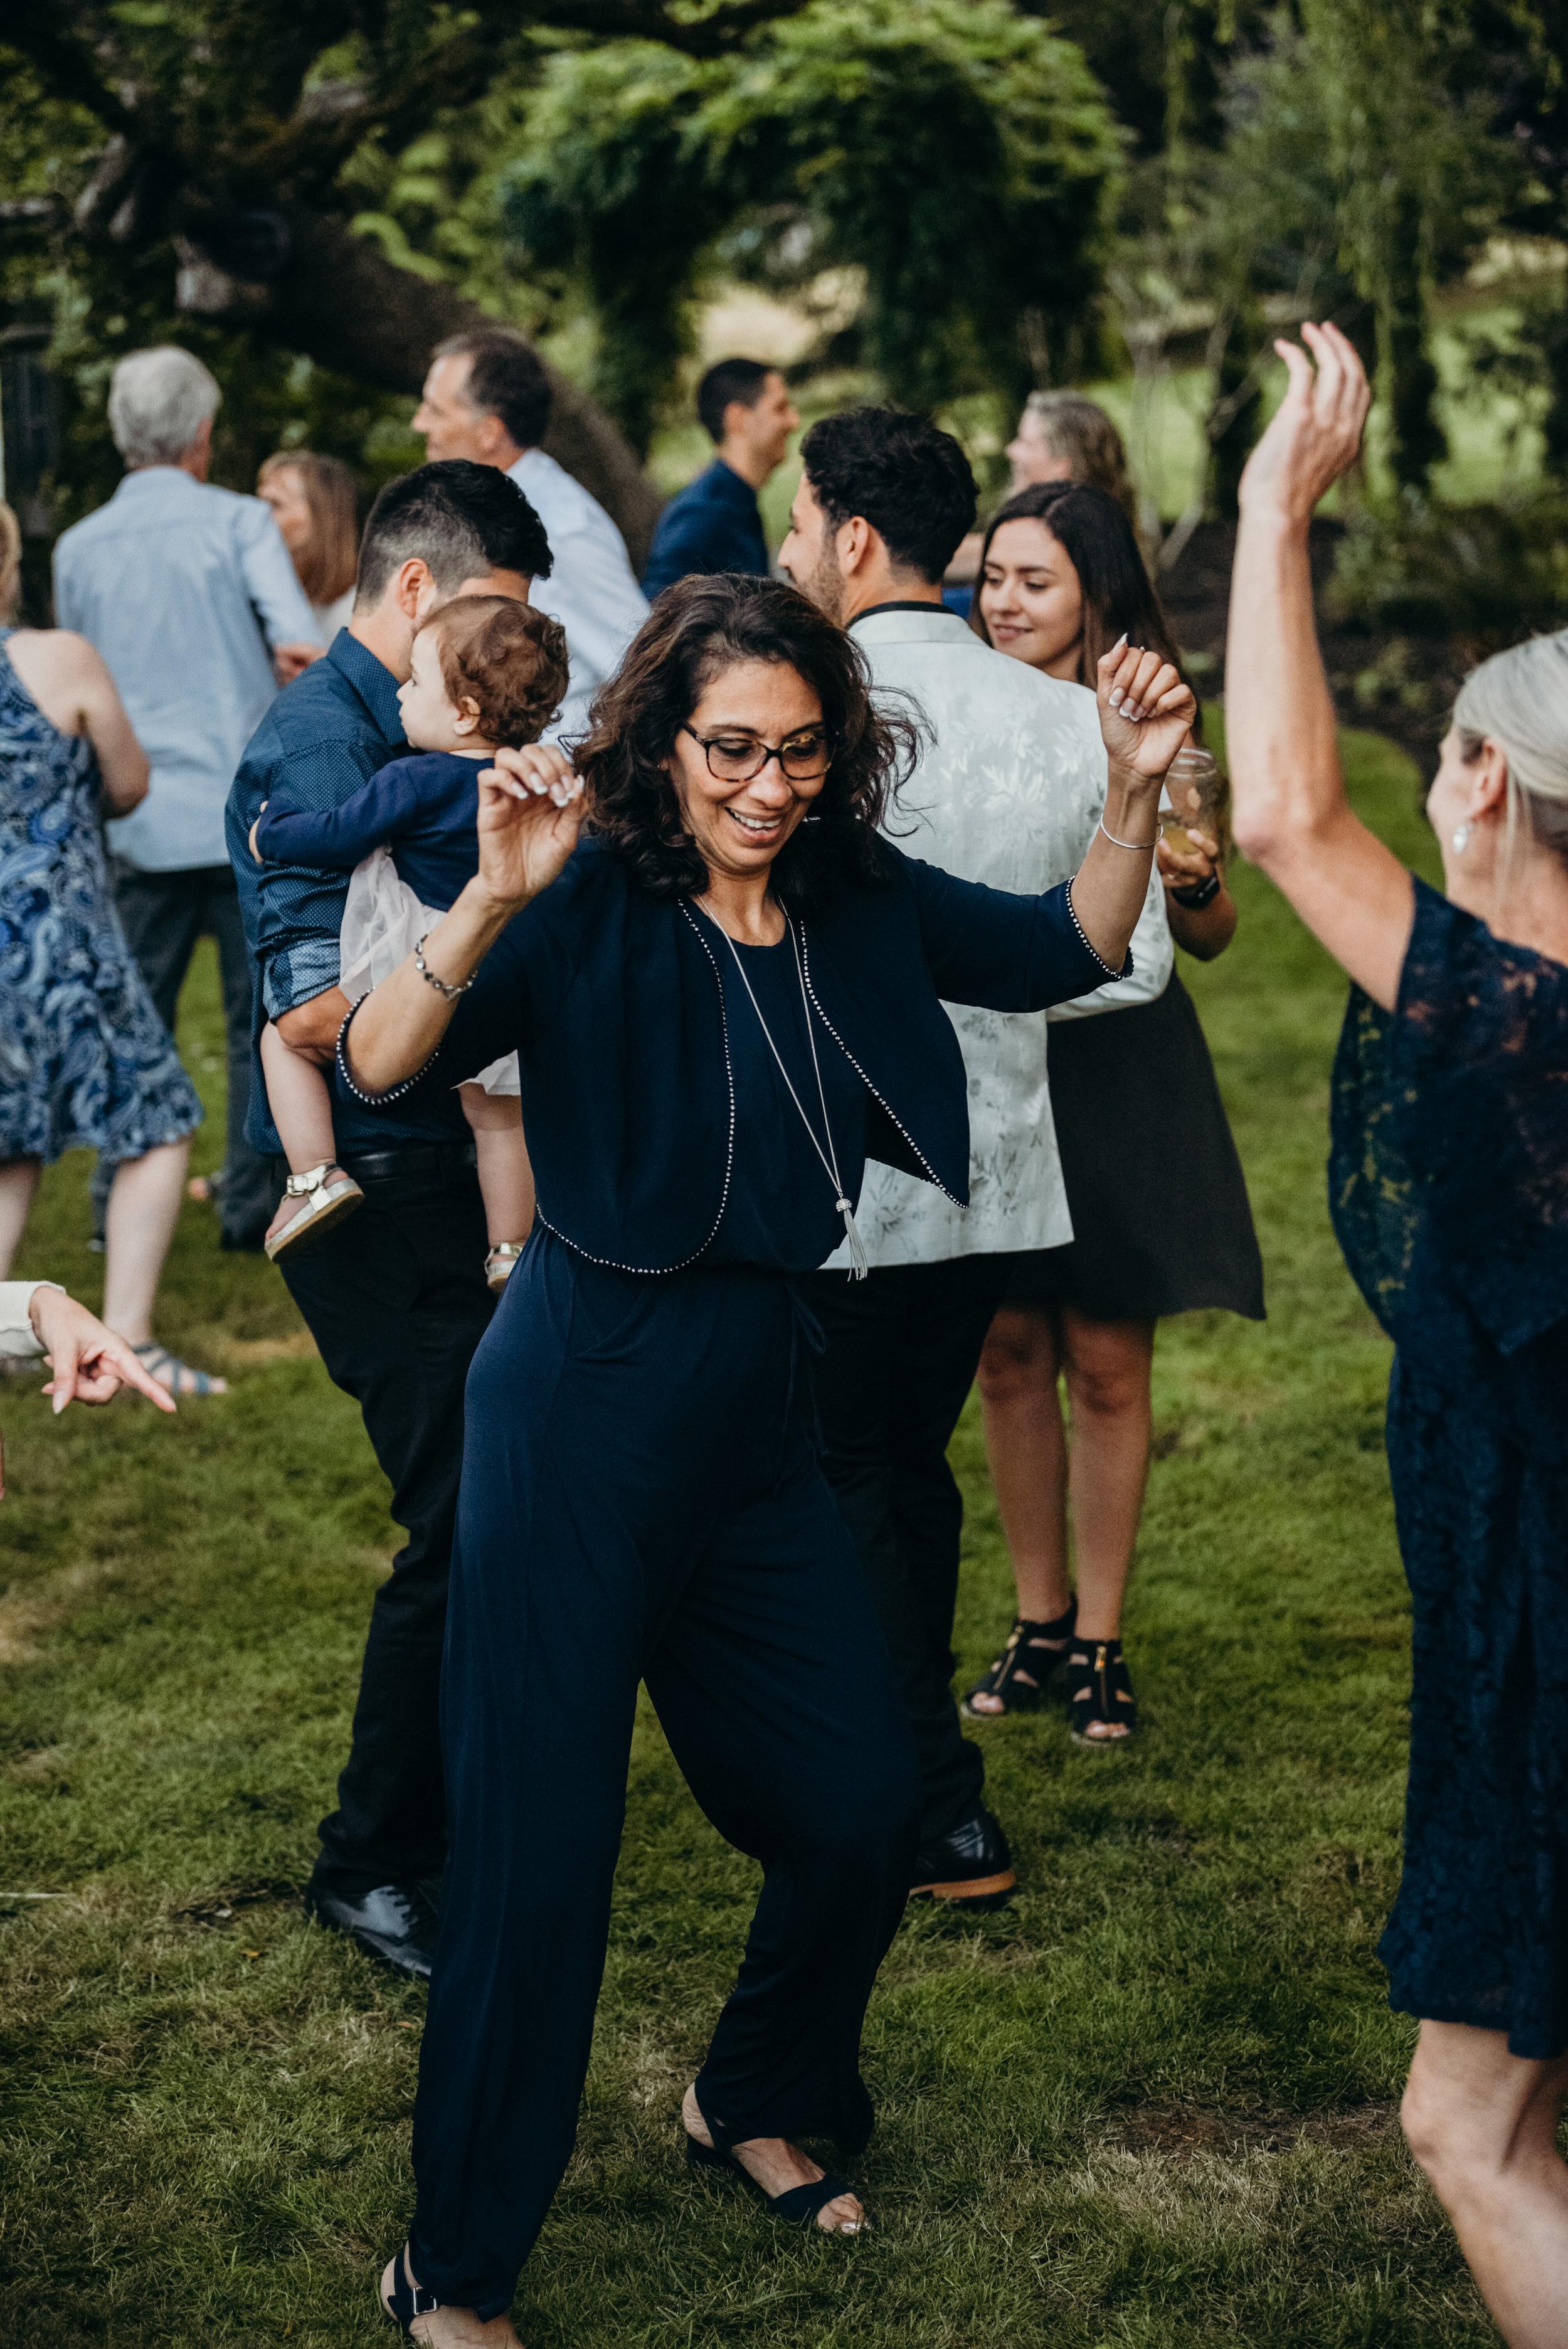 Dancing-29.jpg